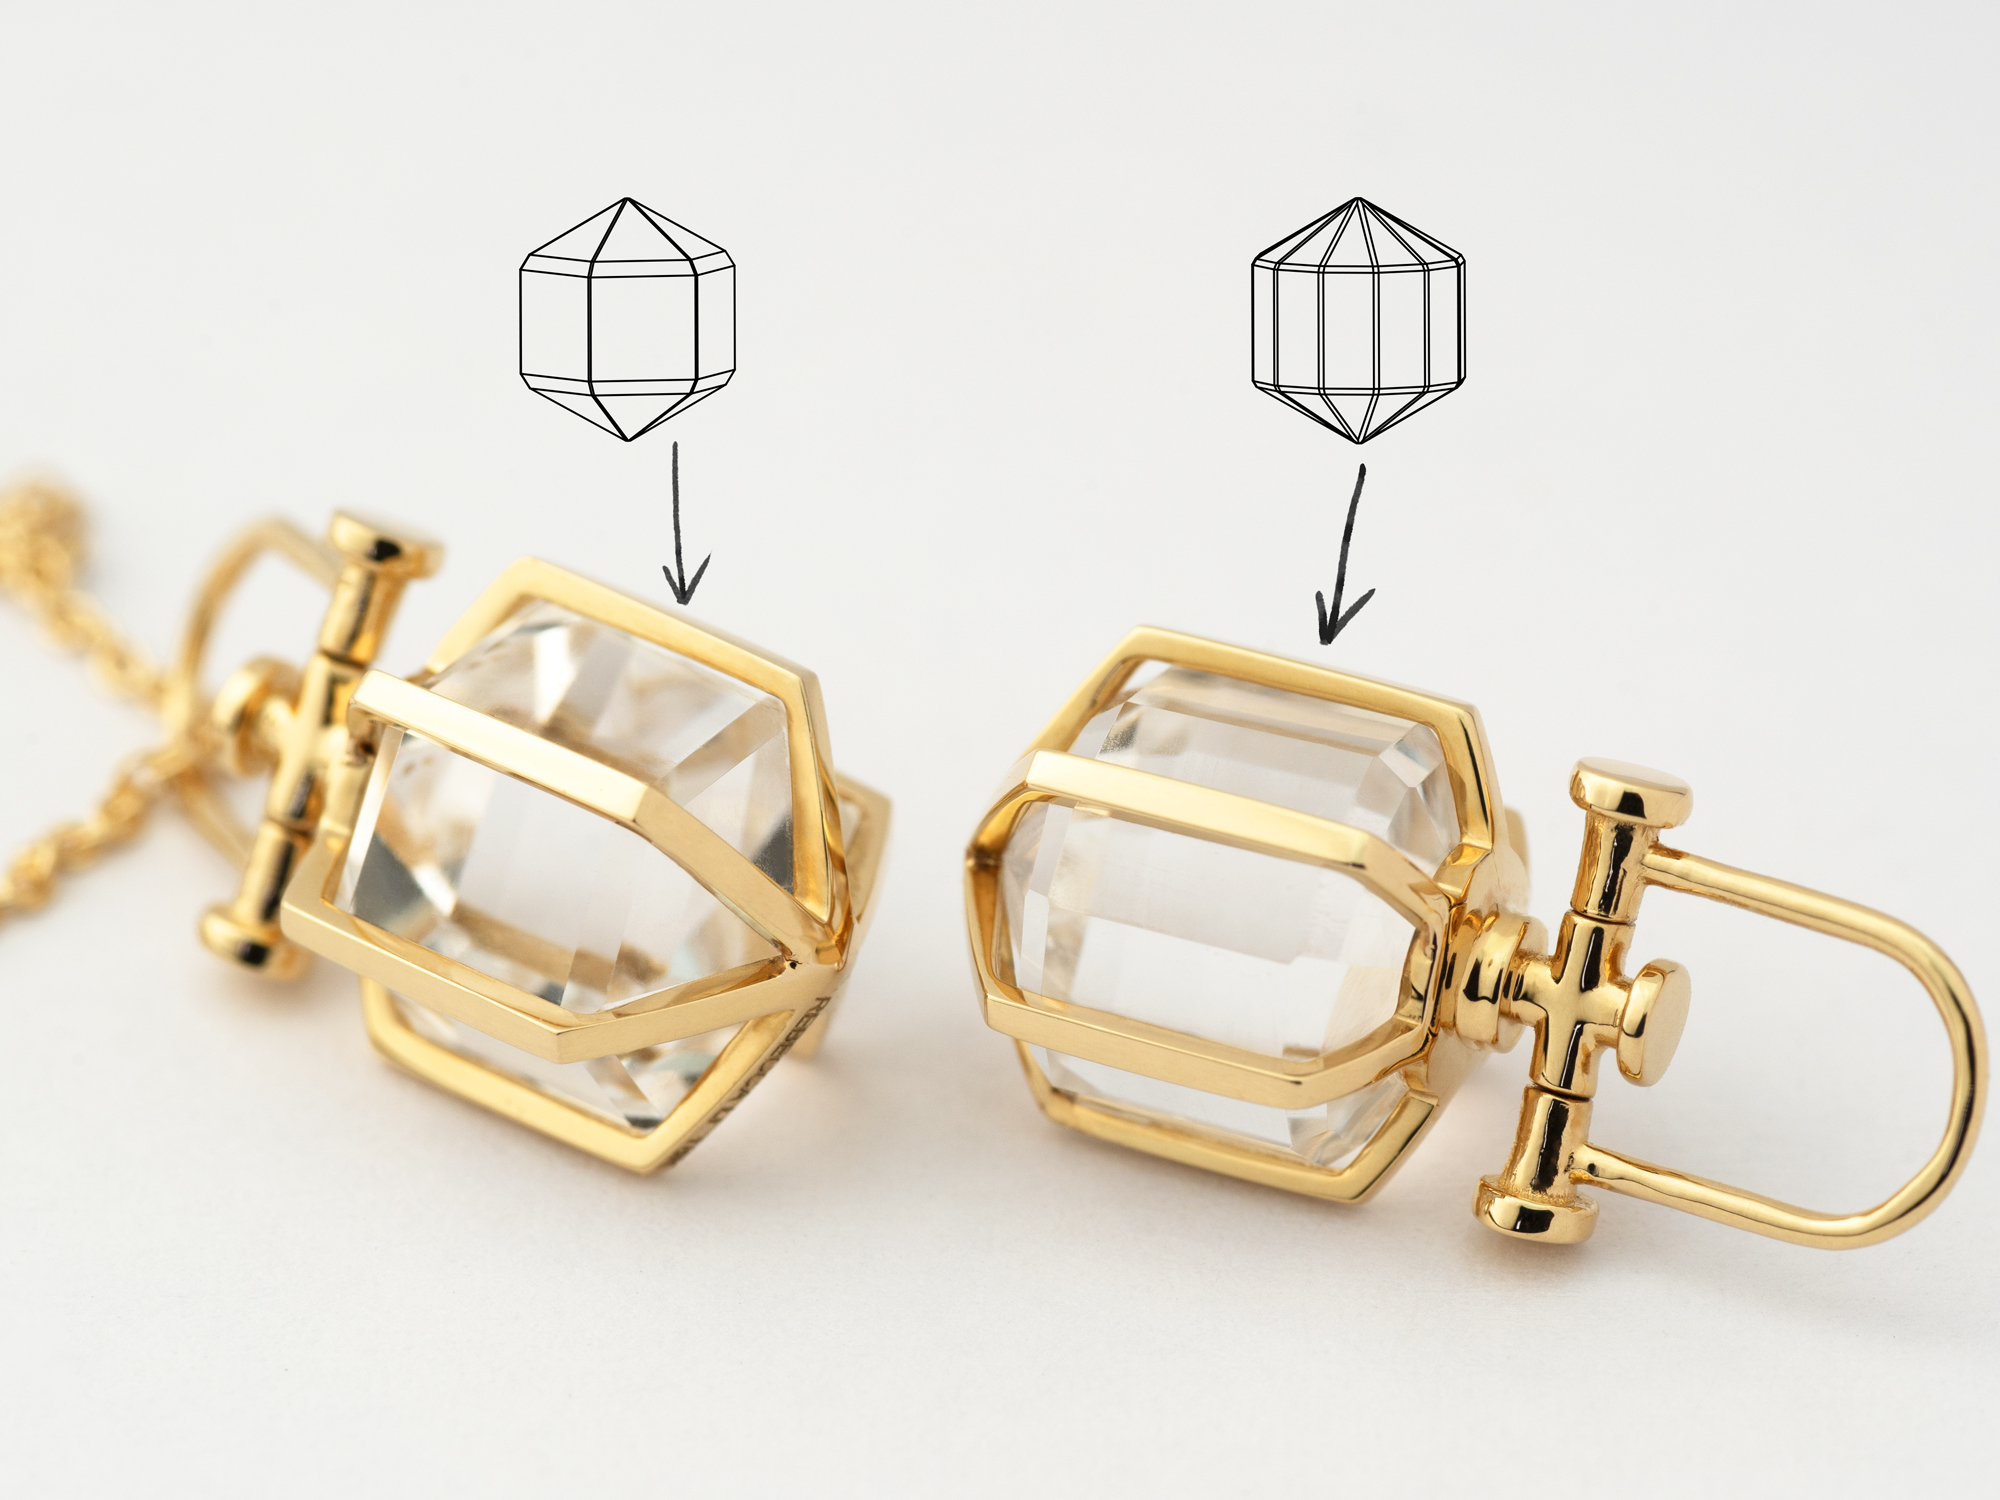 Rebecca Li Mini Six Senses Talisman Pendant Necklace, 18k solid yellow gold, natural rock crystal